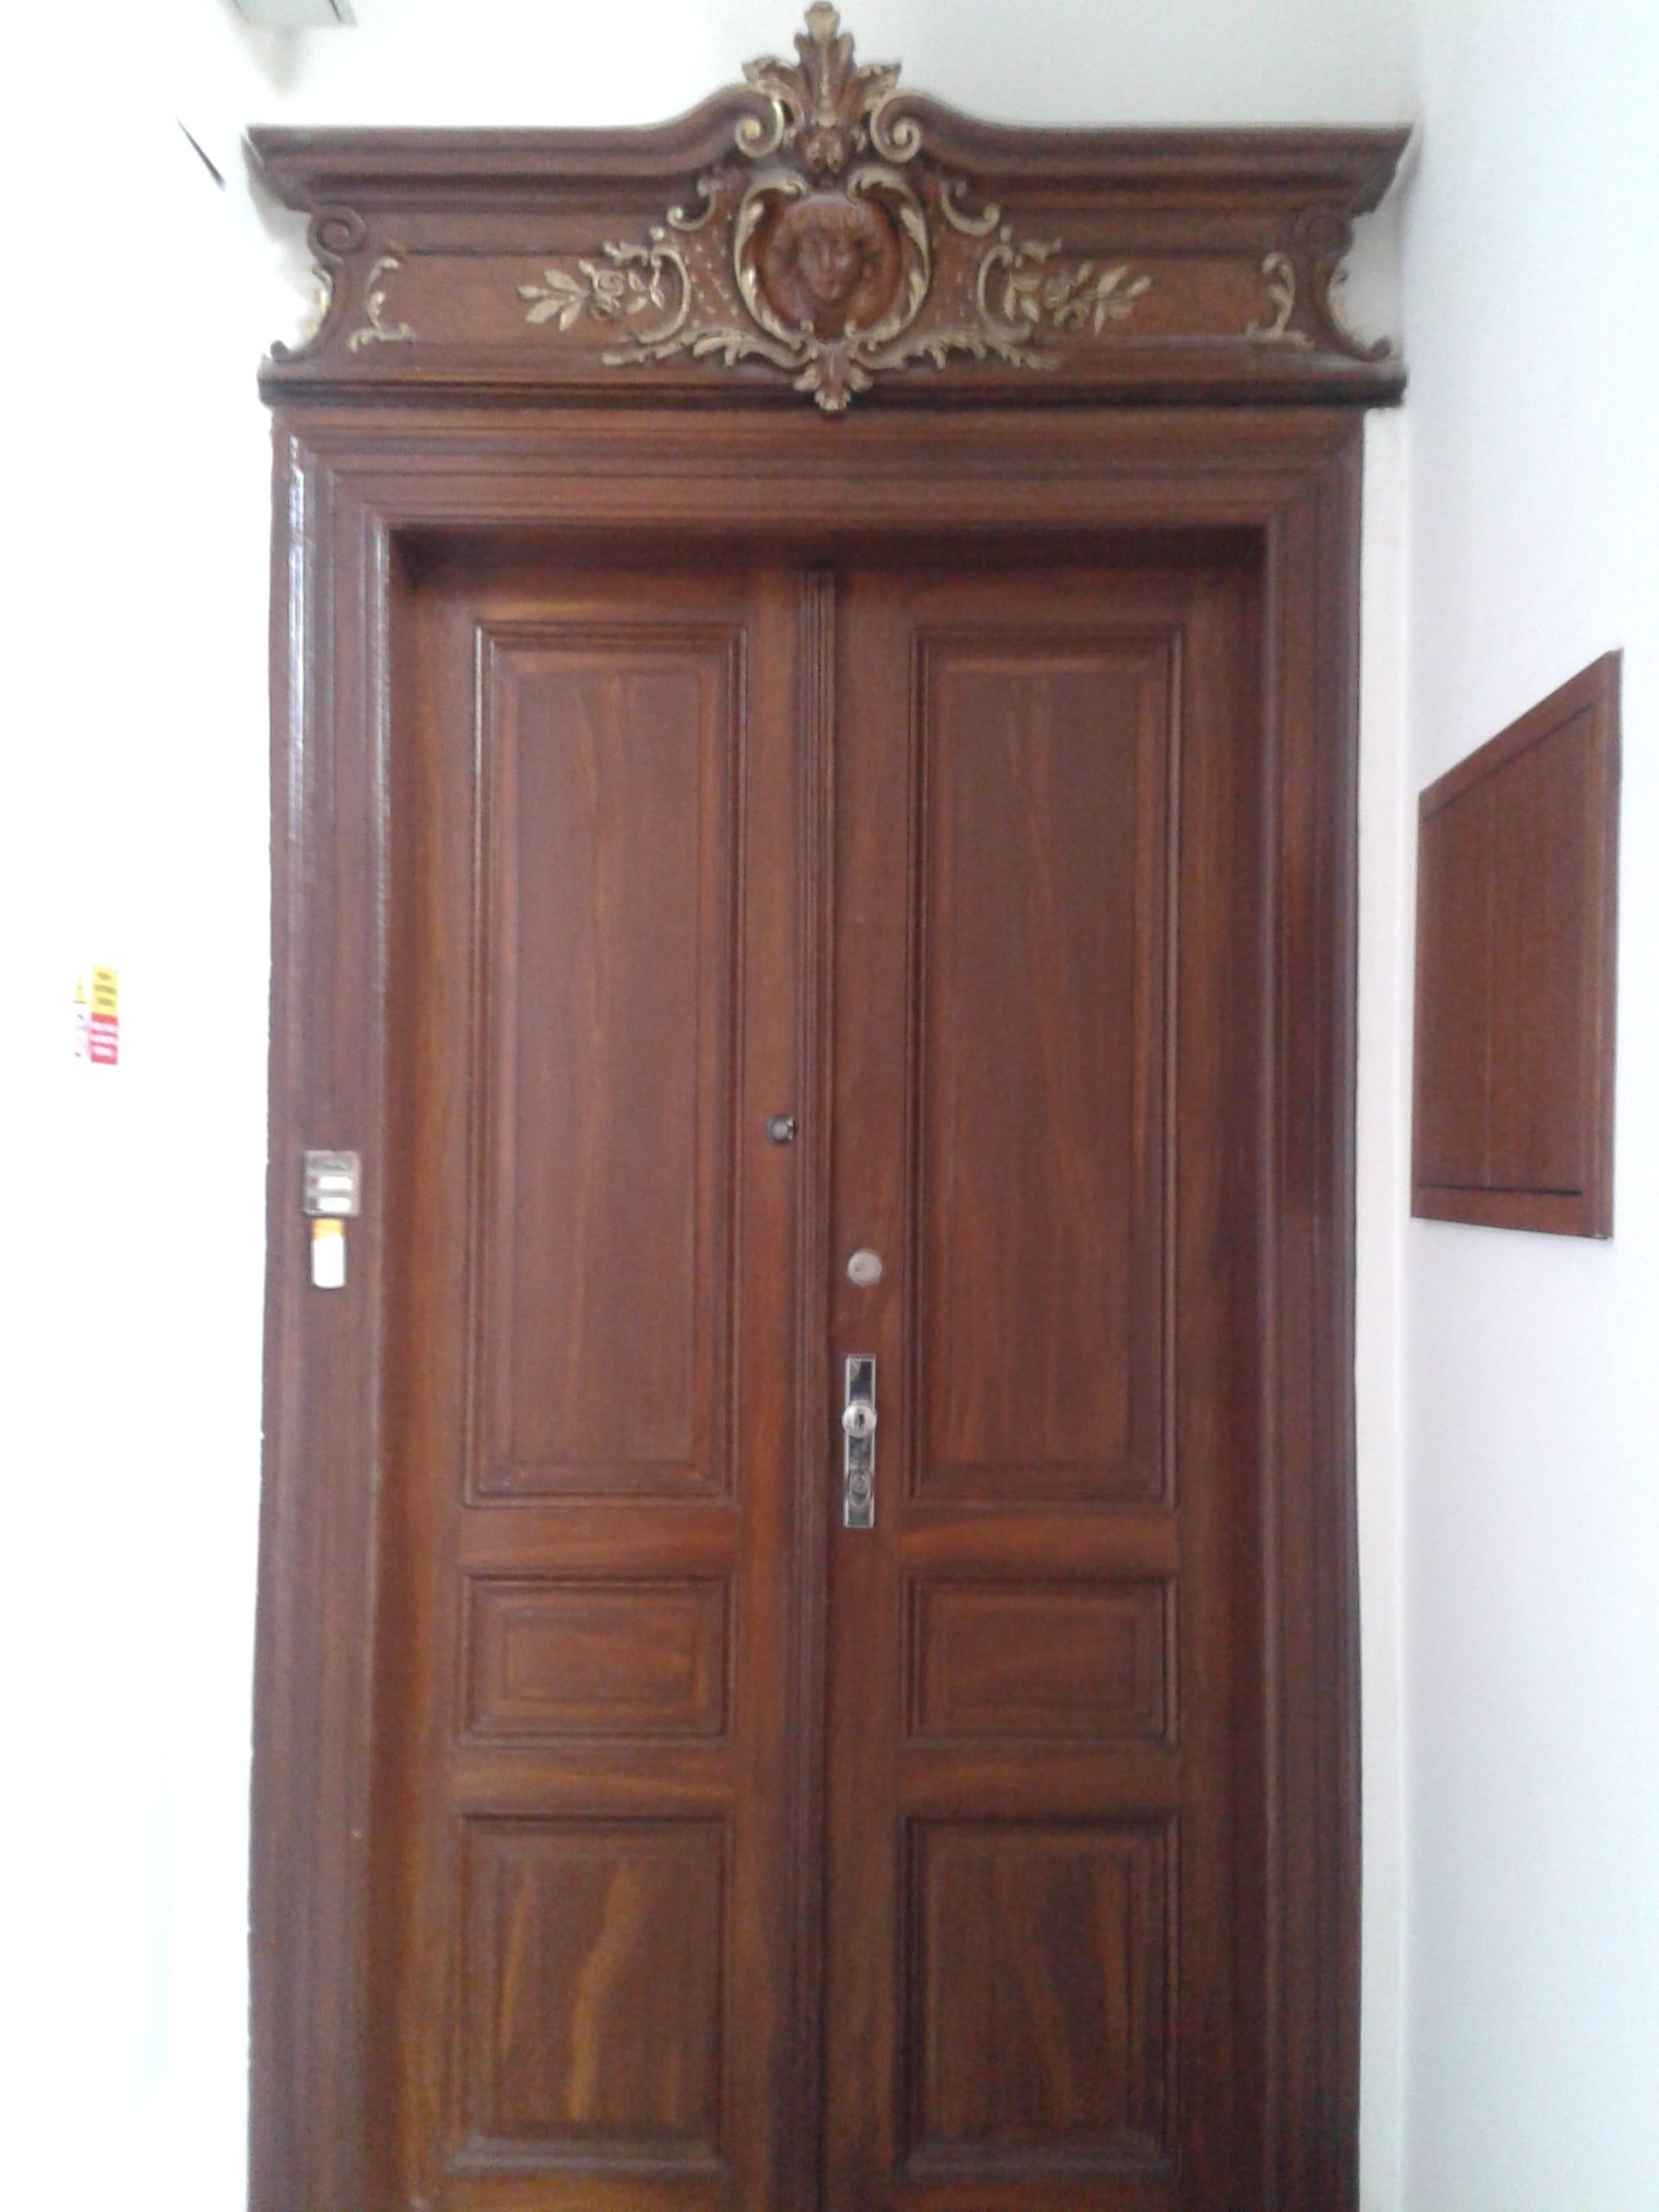 למכירה דירת 3+kk יפהפיה בפראג 1 העיר החדשה (53)